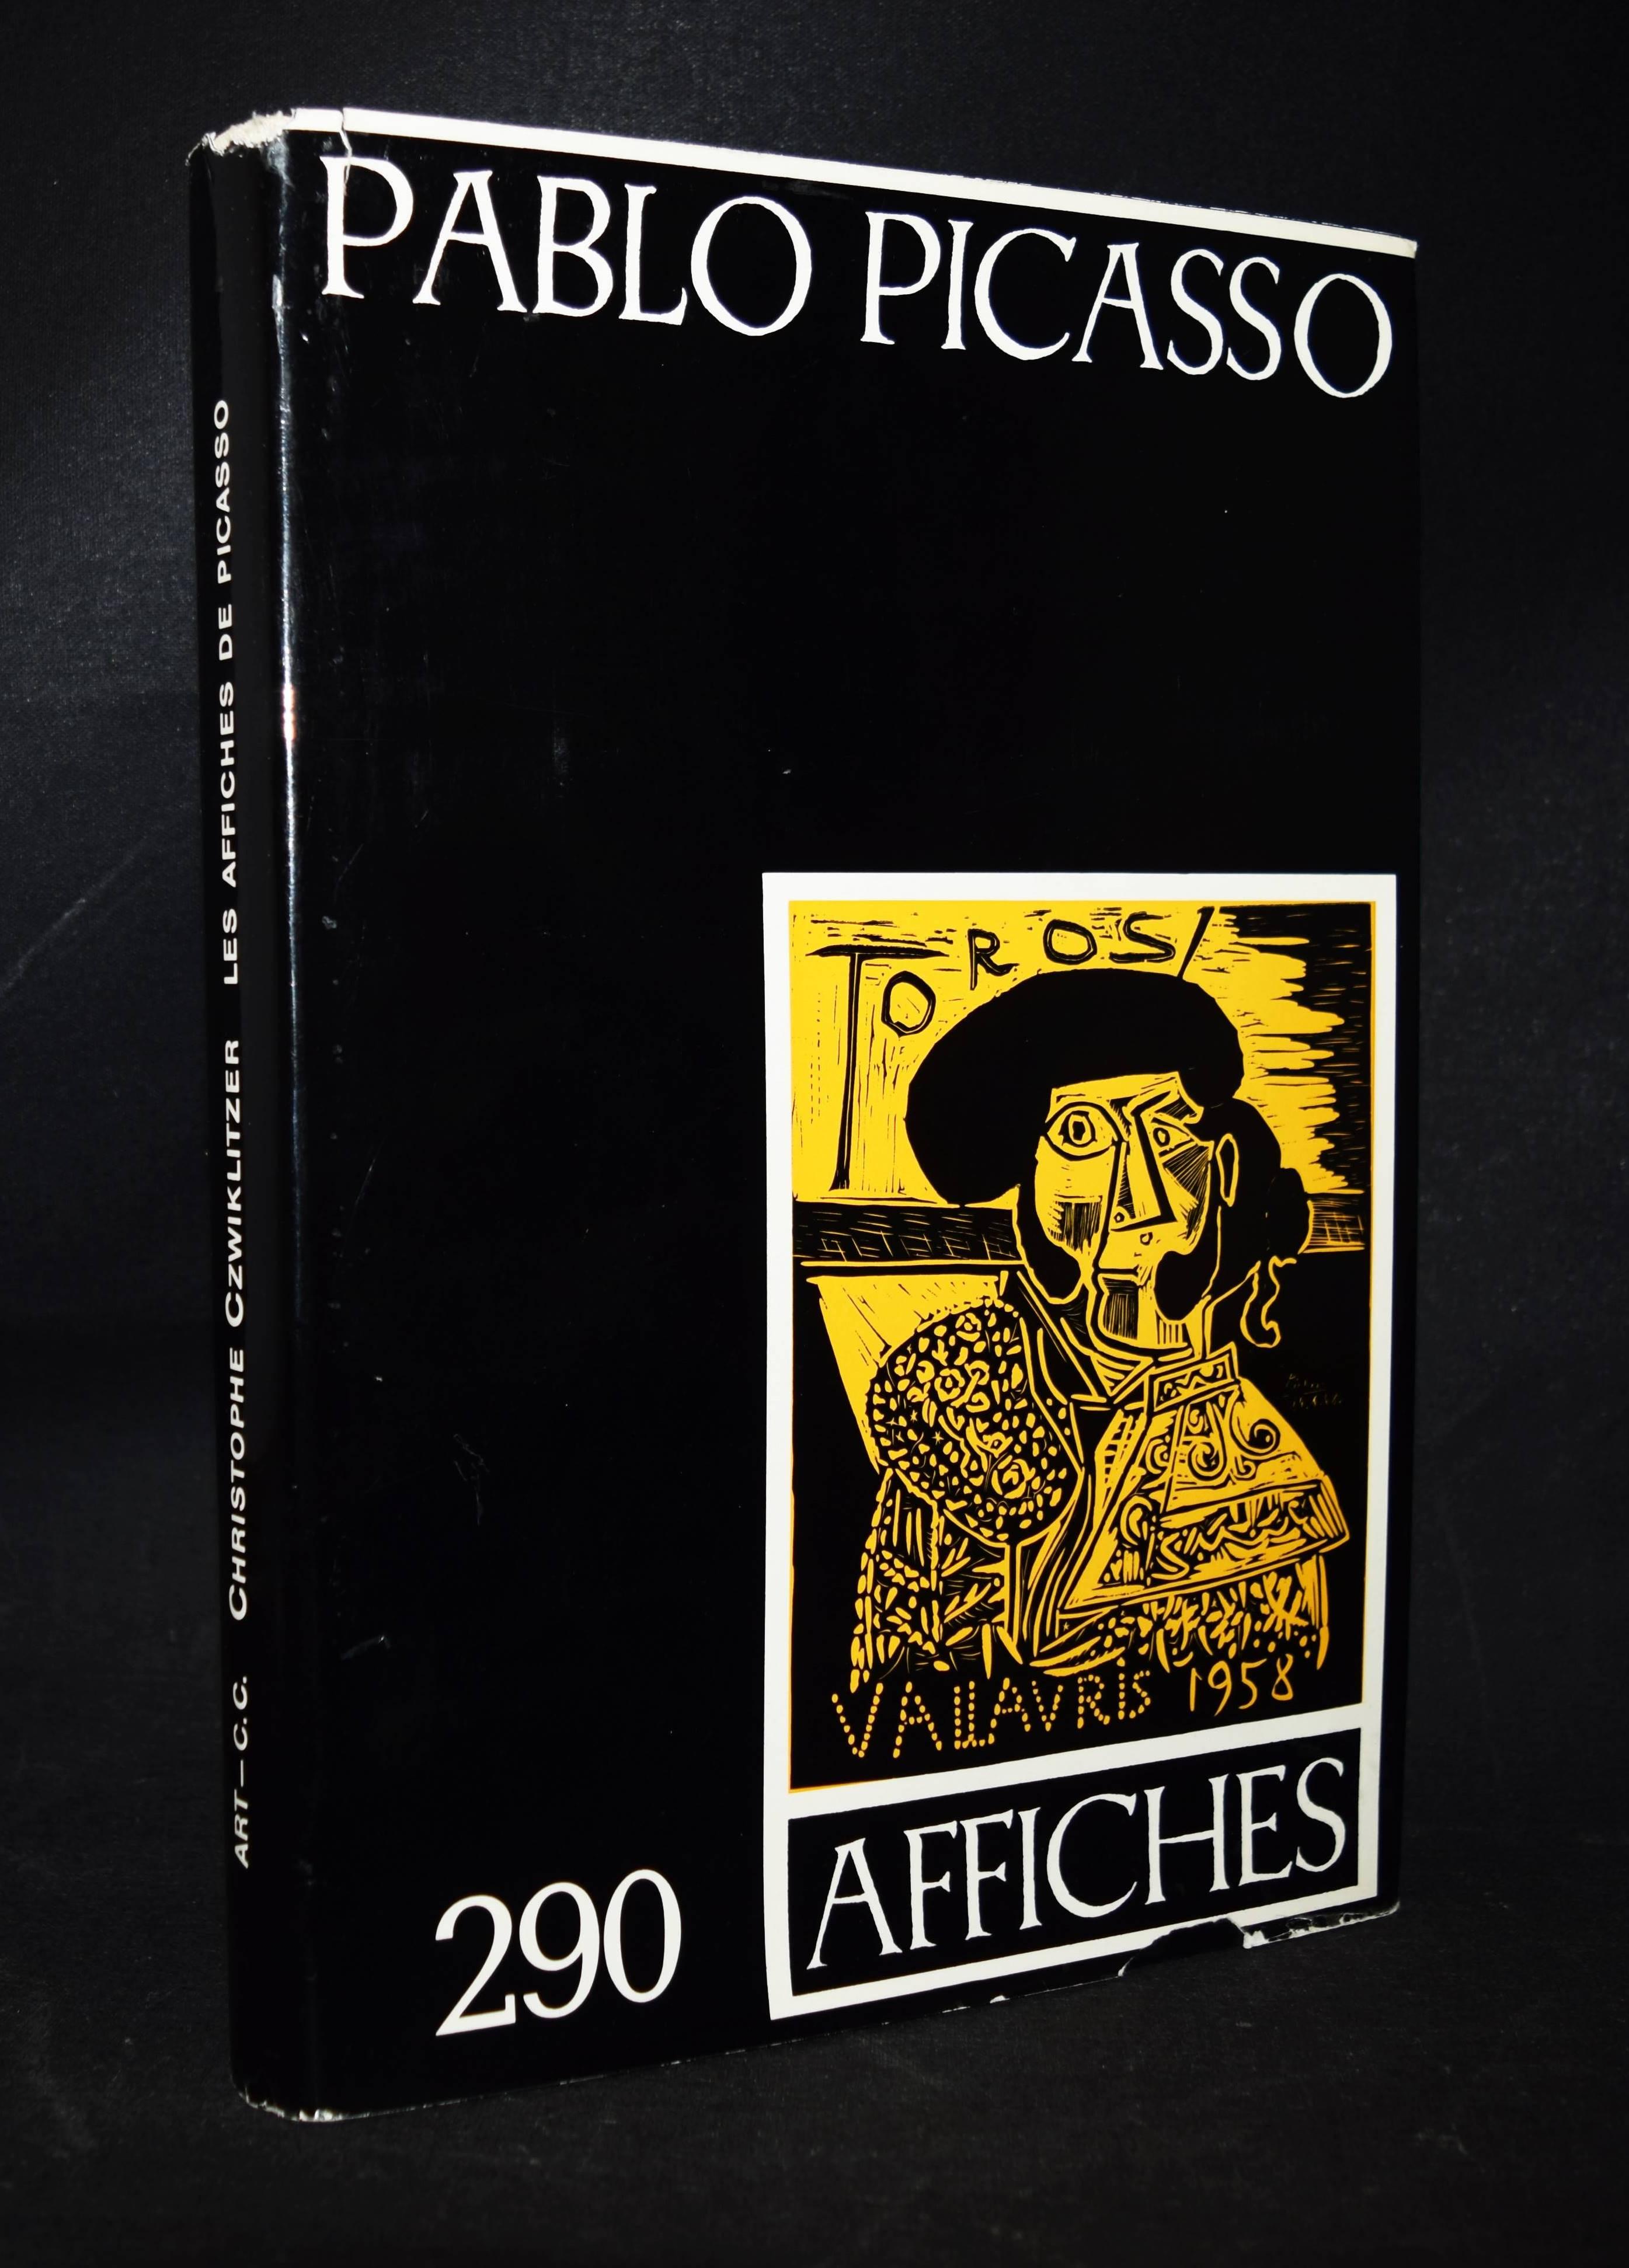 290 affiches de Pablo Picasso. Préface de: Picasso - Czwilitzer,